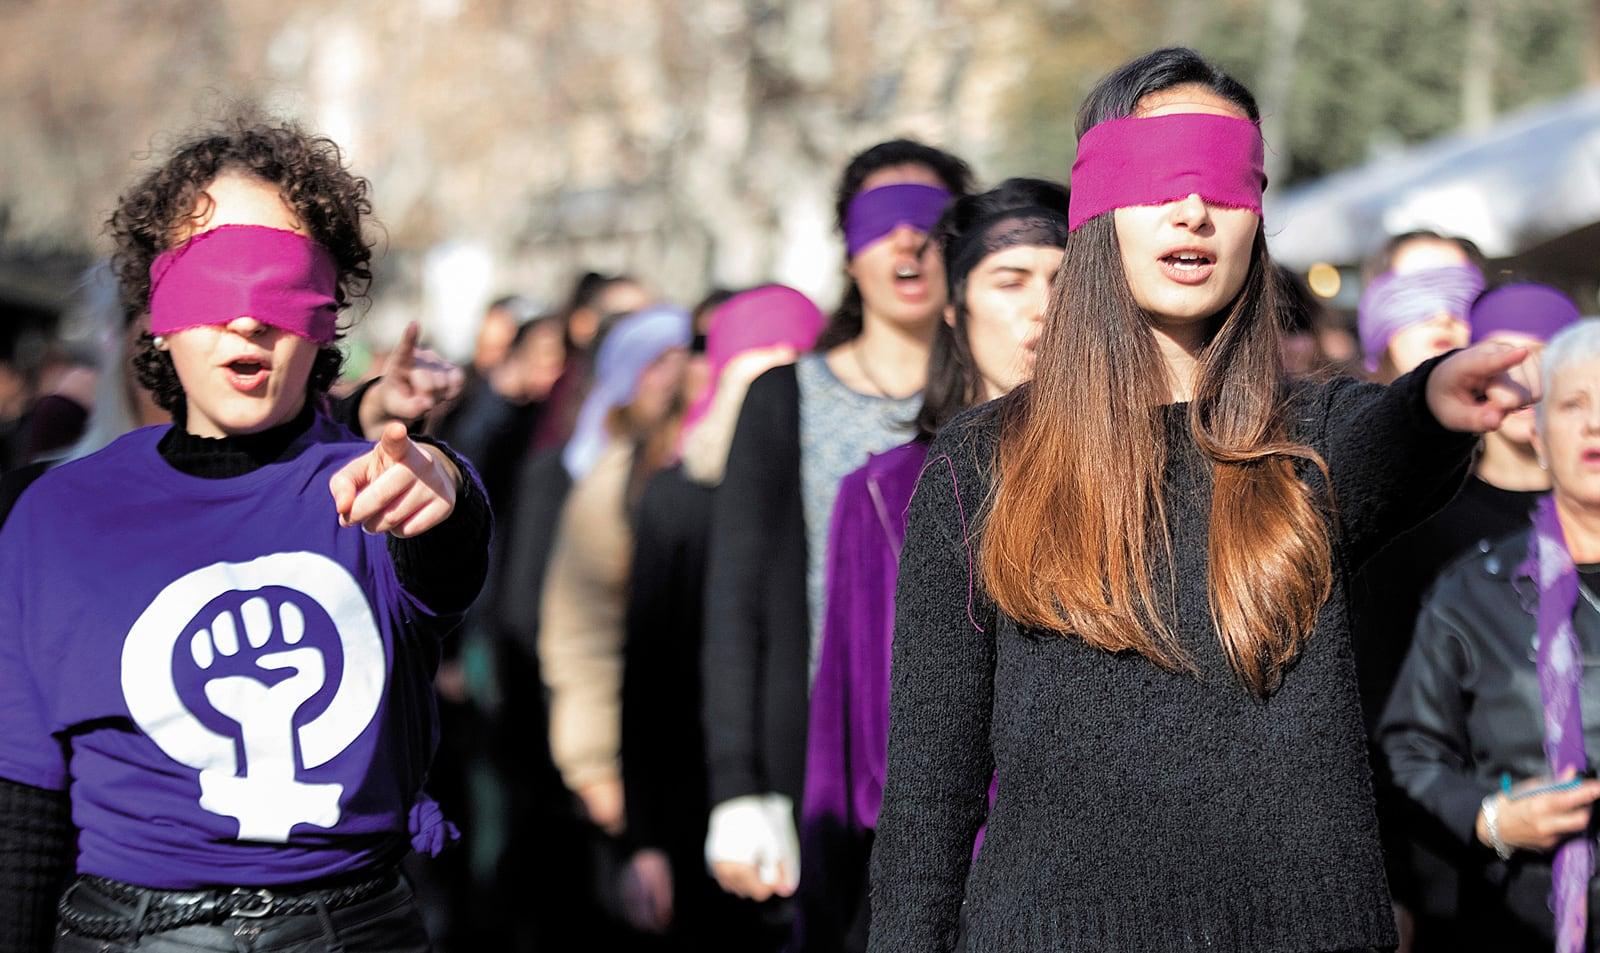 Protesta contra la violència masclista, al centre de Barcelona, el gener del 2020. Fotografia de Marta Pérez. Efe